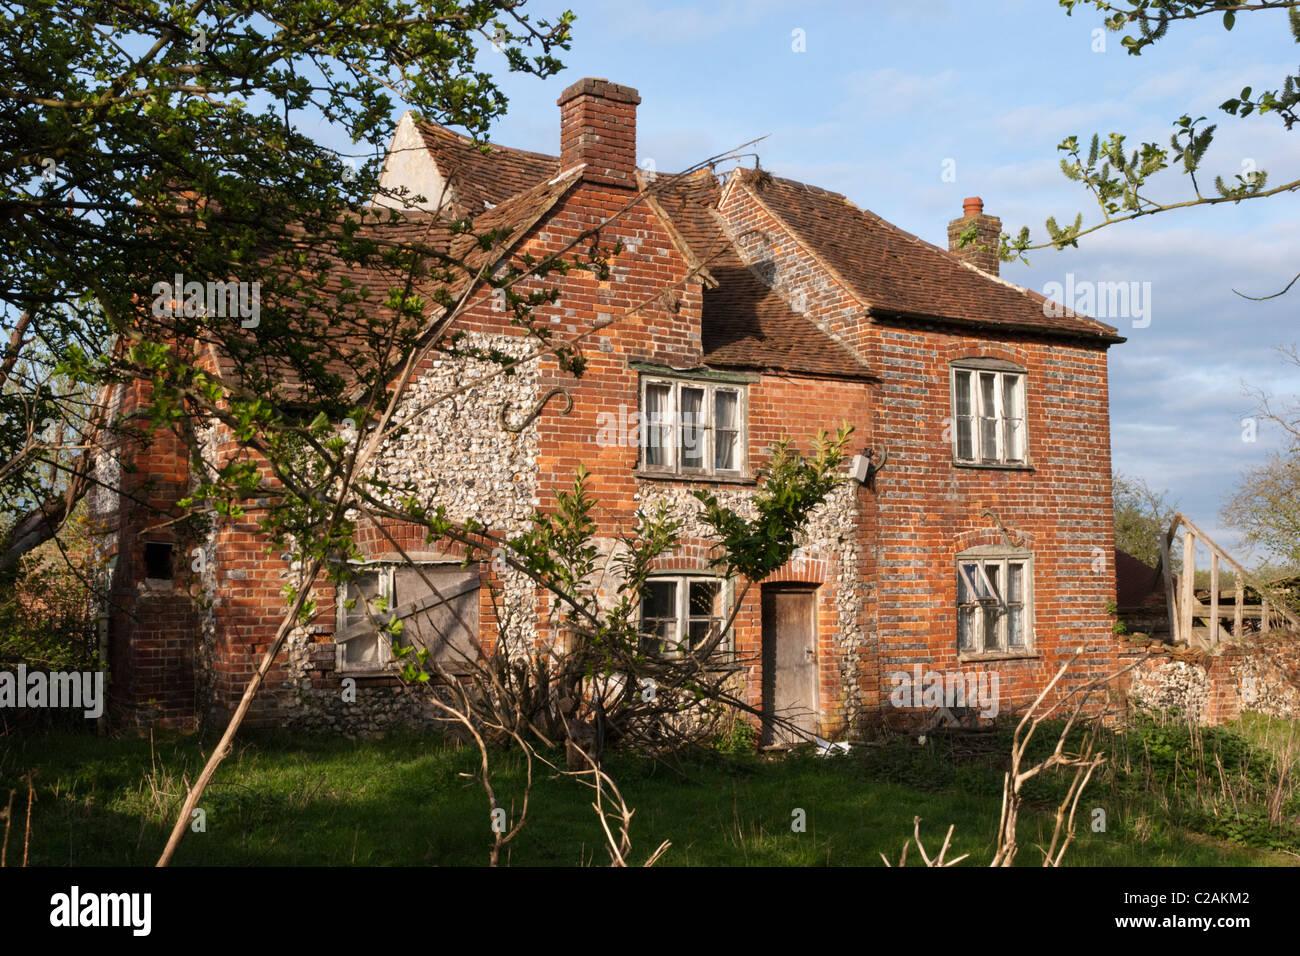 Einem verlassenen Bauernhaus in der ländlichen Gegend von Wheeler Ende, Buckinghamshire. Stockfoto